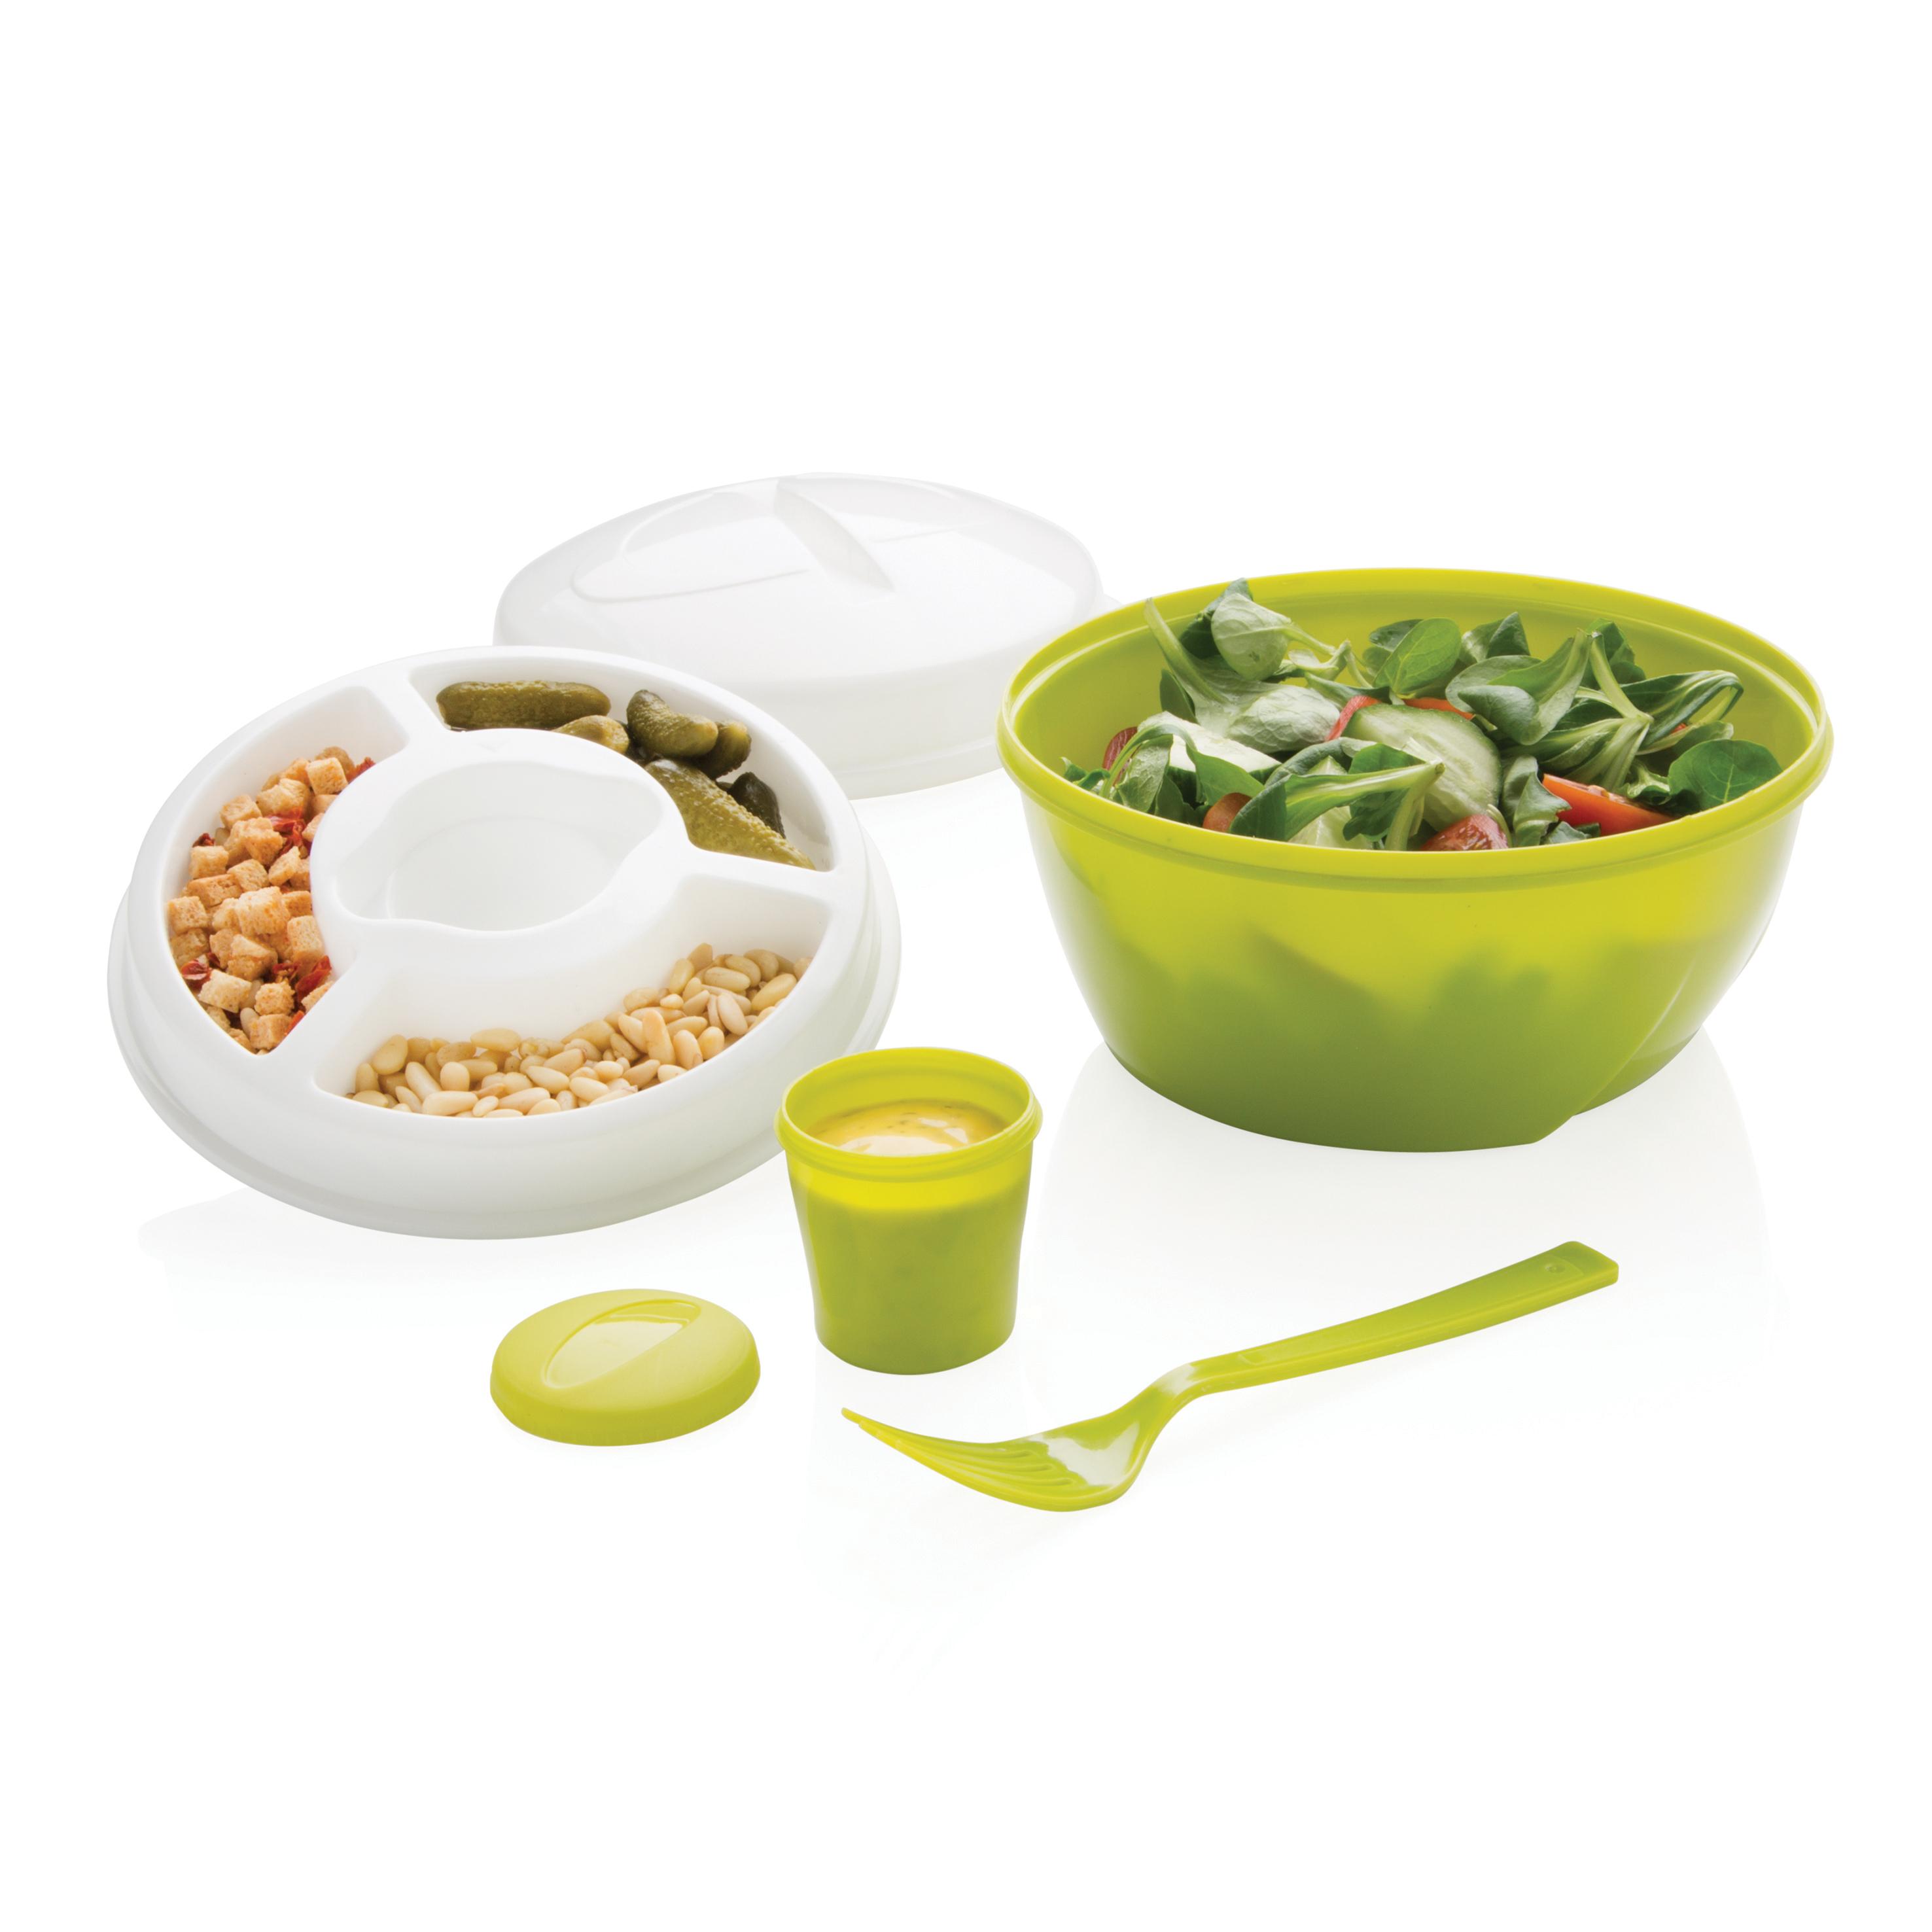 Boite pour salade - 9-1515-6